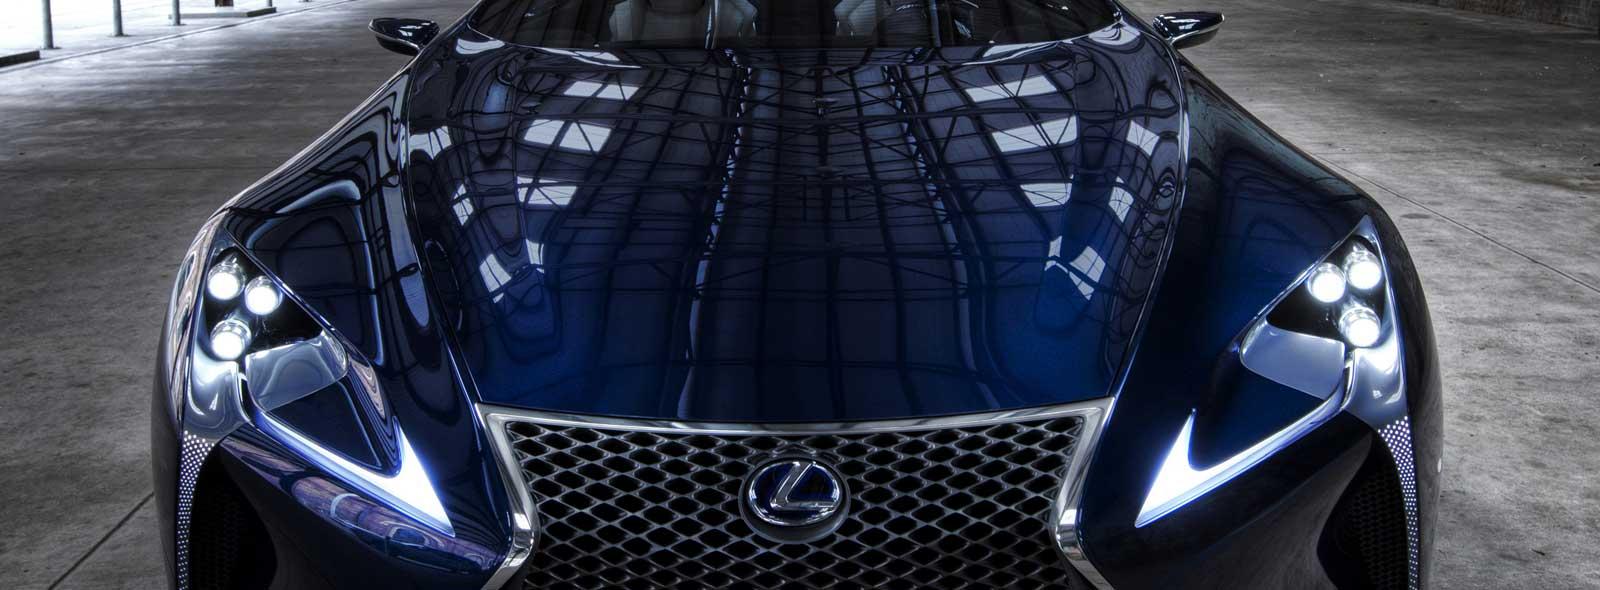 Vista frontale del coupé ibrido sportivo LF LC colore blu